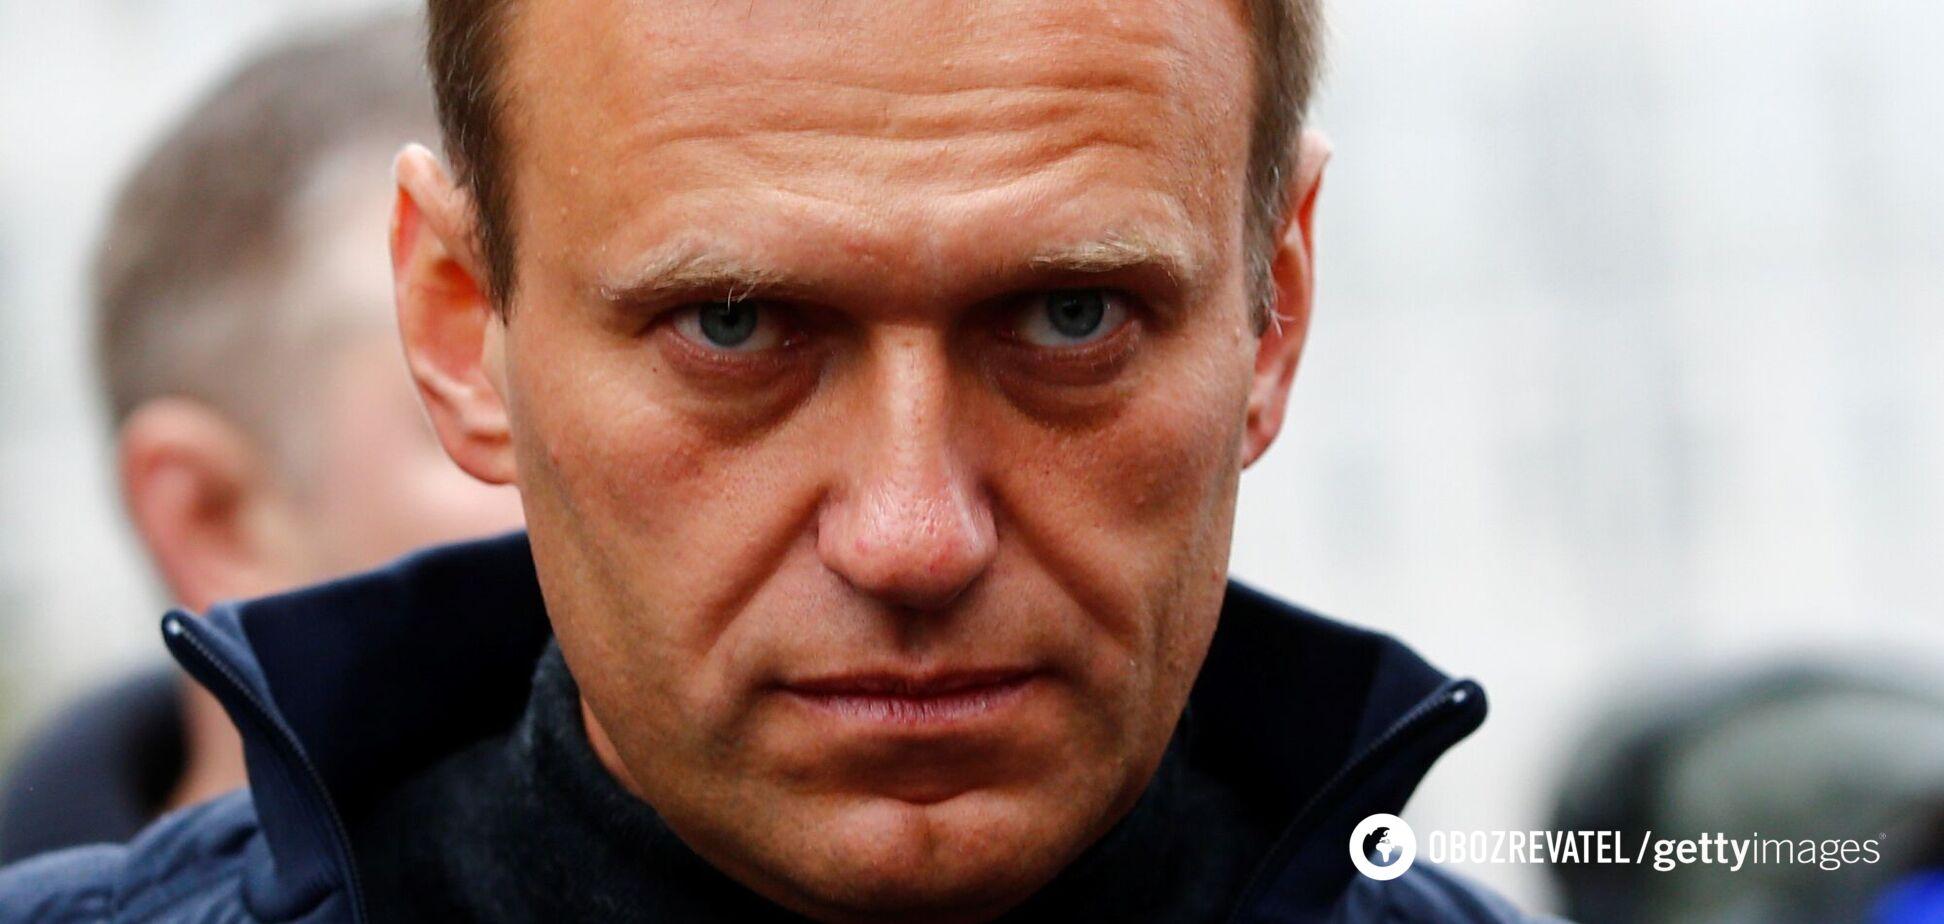 Навального отравили 'Новичком' в гостинице: опубликовано видео с доказательствами